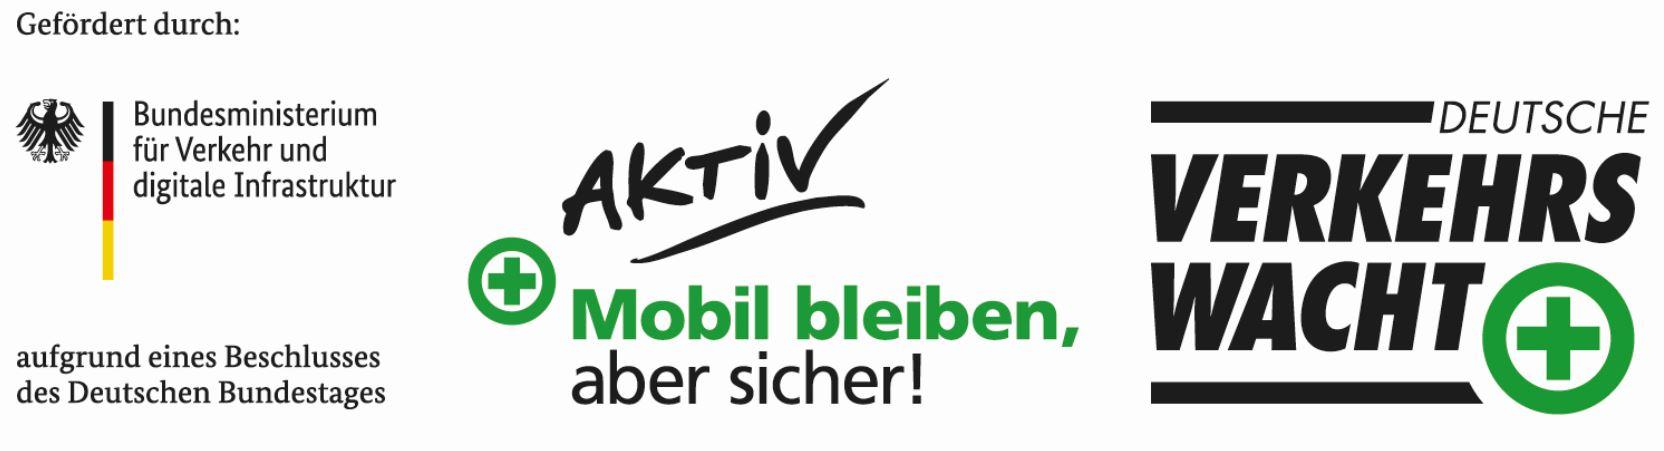 2019 Logo Mobil bleiben